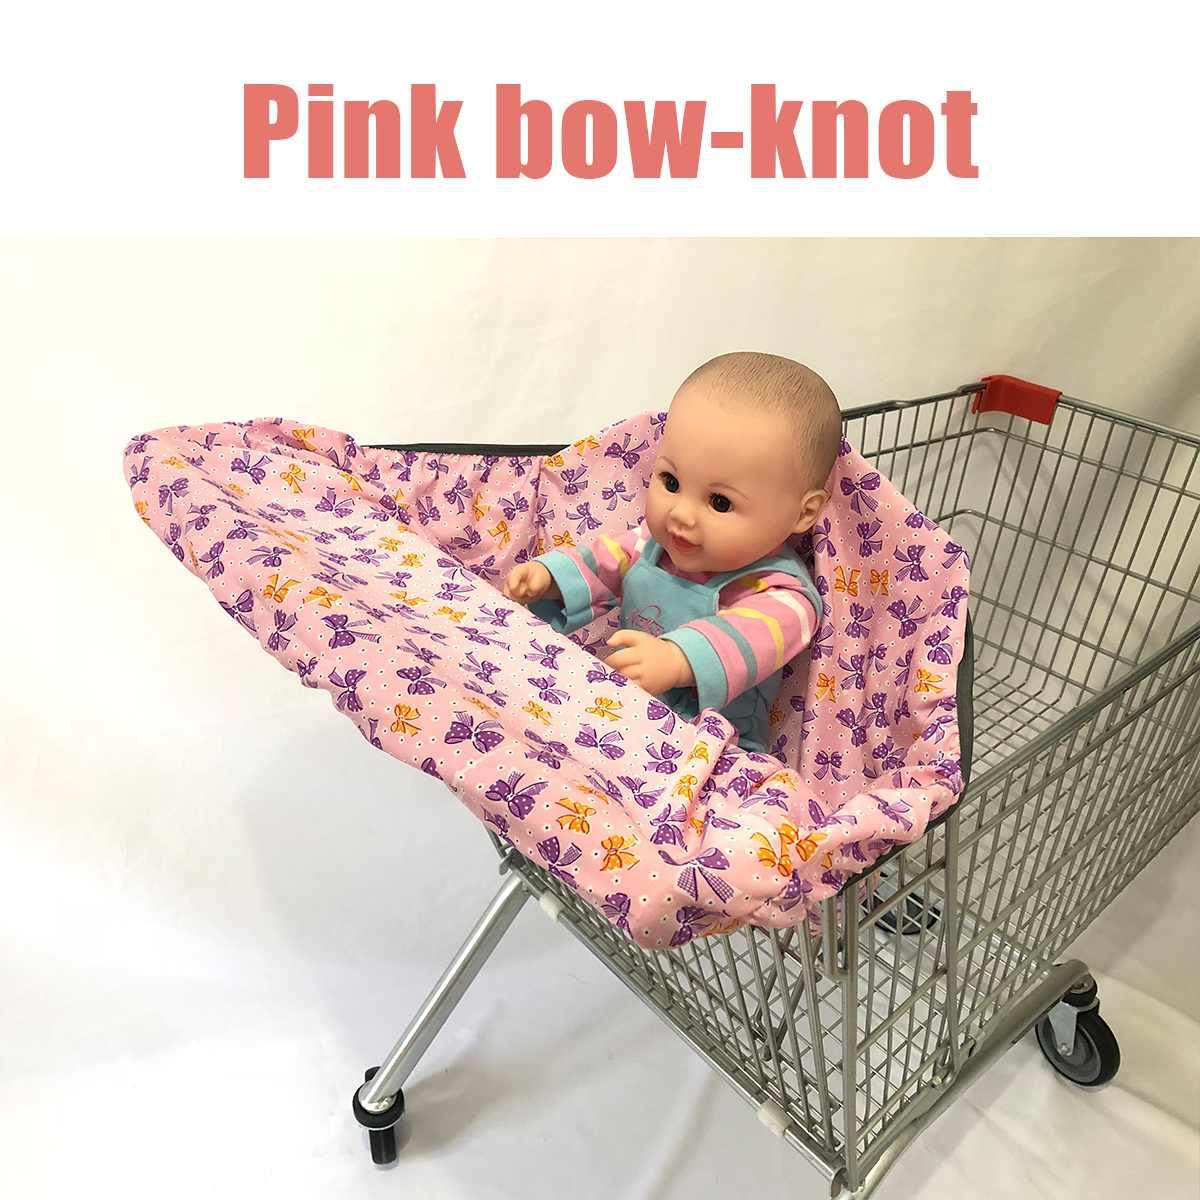 Детская продуктовая тележка для малышей, детская тележка для покупок, Защитная крышка для тележки, защита сиденья, безопасные сиденья для детей - Цвет: Pink bow knot